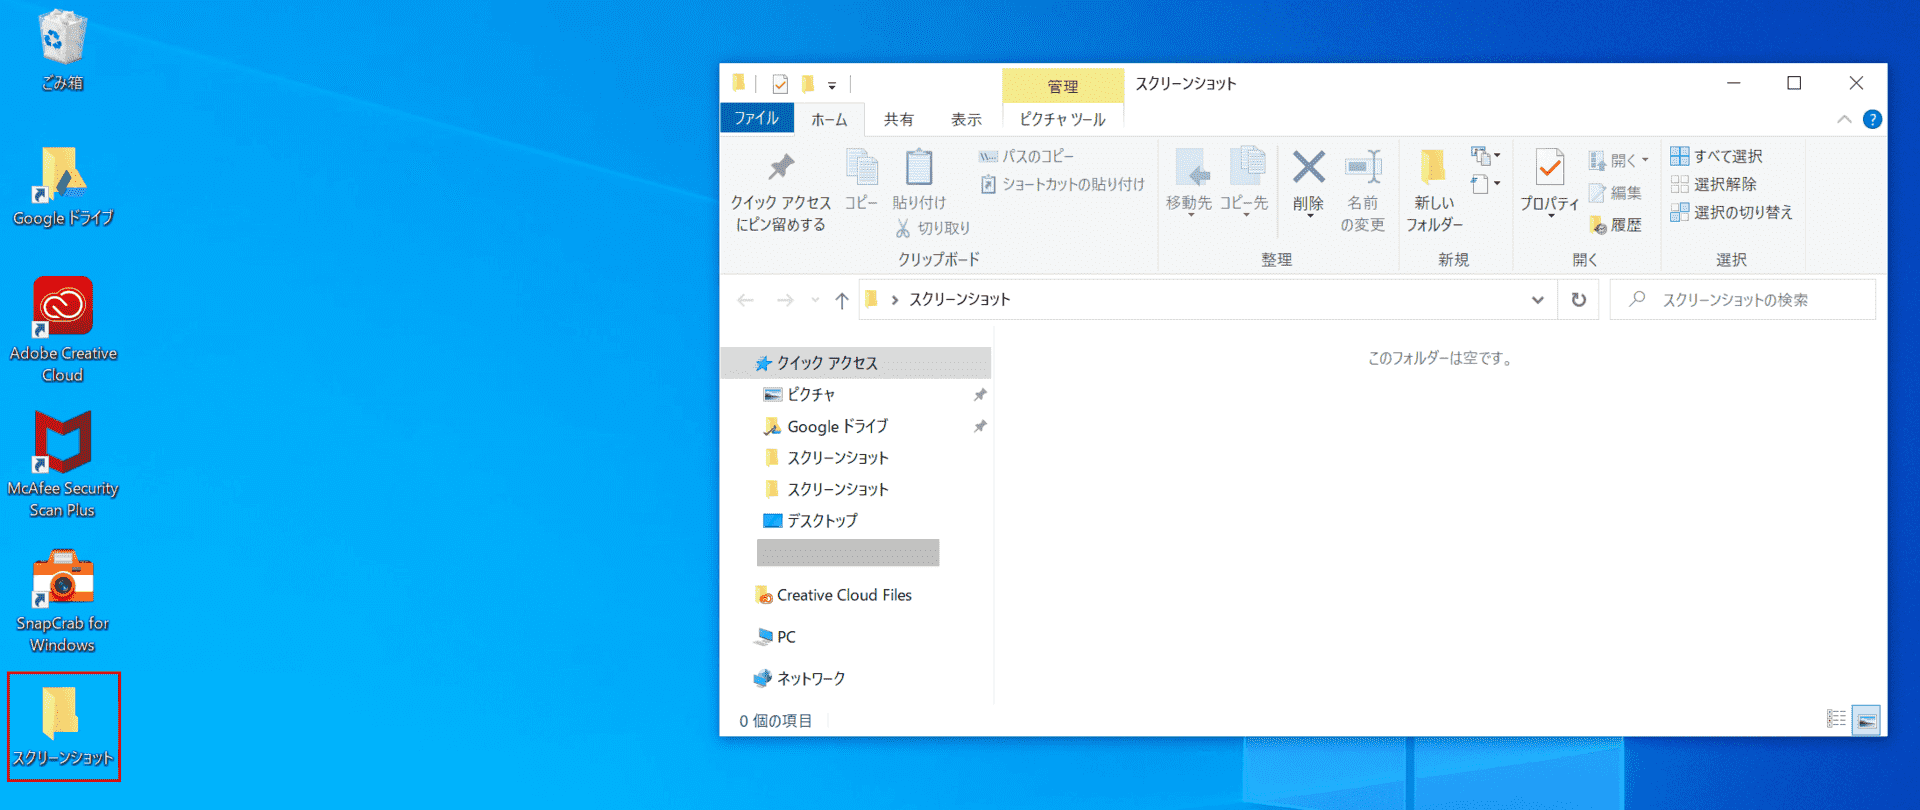 デスクトップ(スクリーンショットフォルダー)